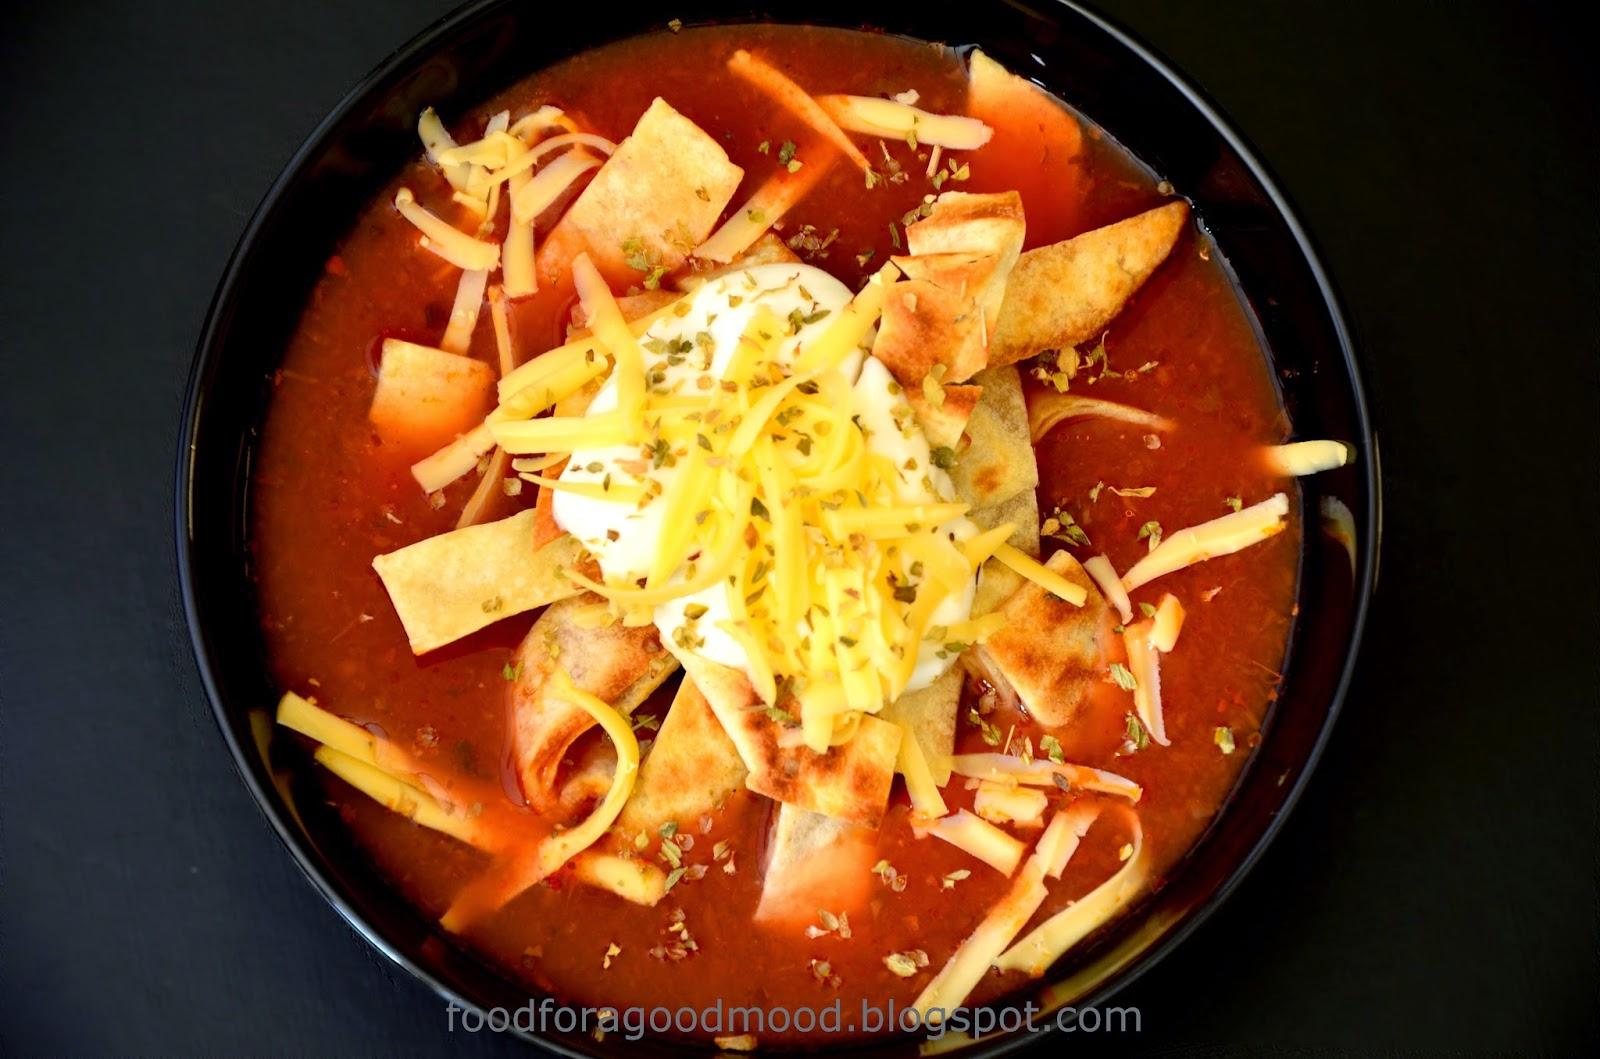 Szybka, smaczna i zarazem lekka zupa na bazie pomidorów z dodatkiem oregano. Smak lekko ostry z nutką słodyczy. W środku wkładka z roztopionym żółtym serem, a zamiast makaronu – chrupiące paski tortilli…